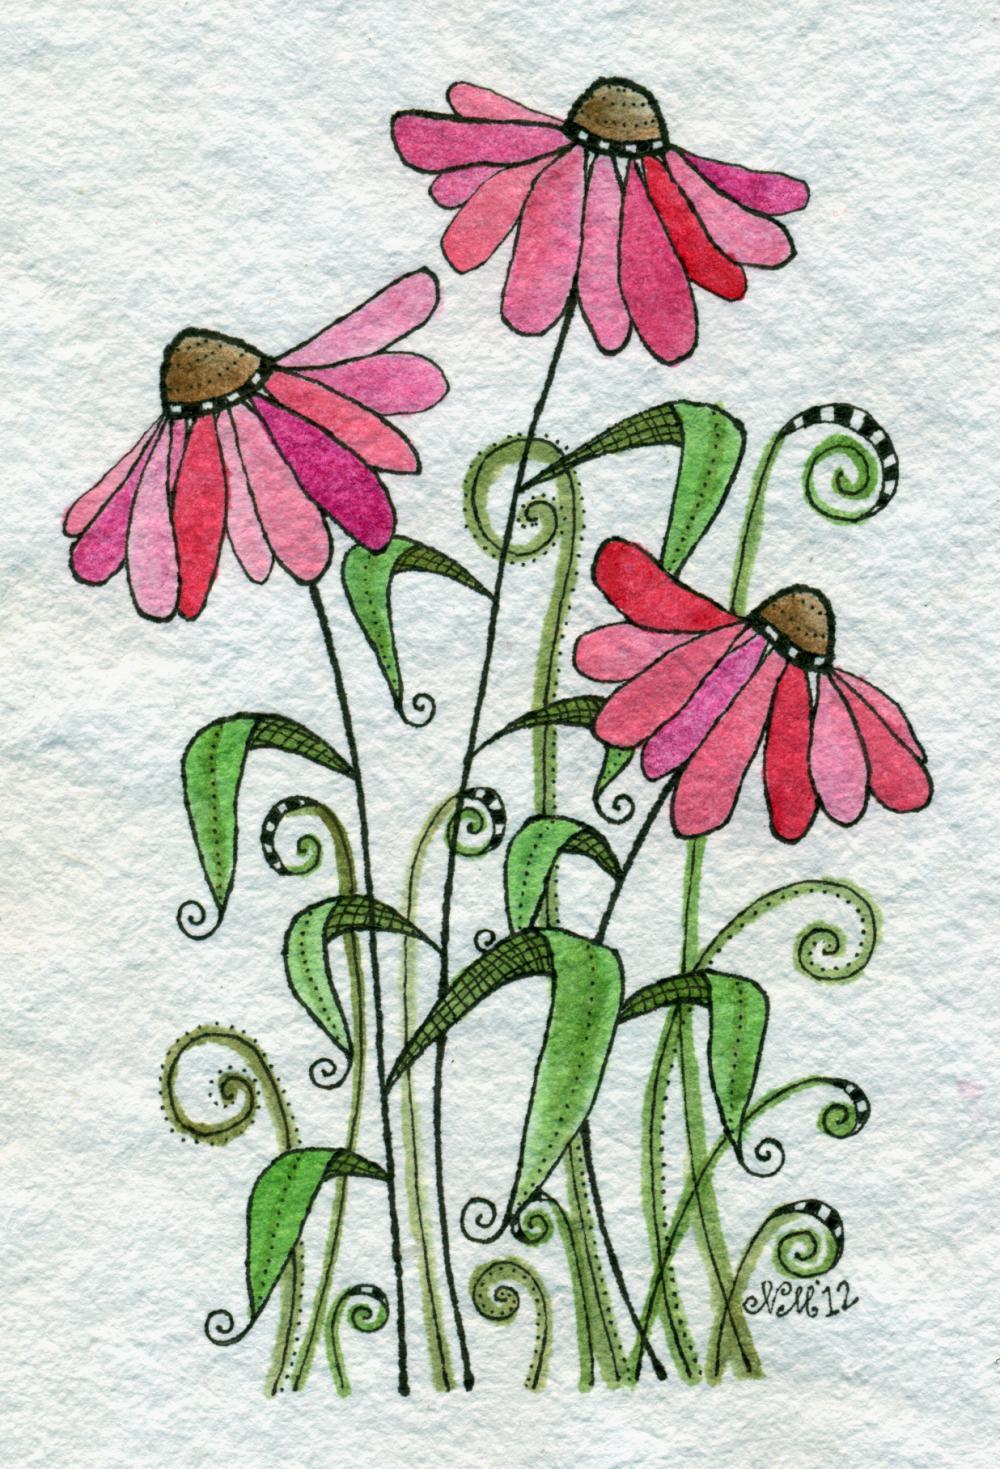 Valentine Sprinkles Original Watercolor Painting